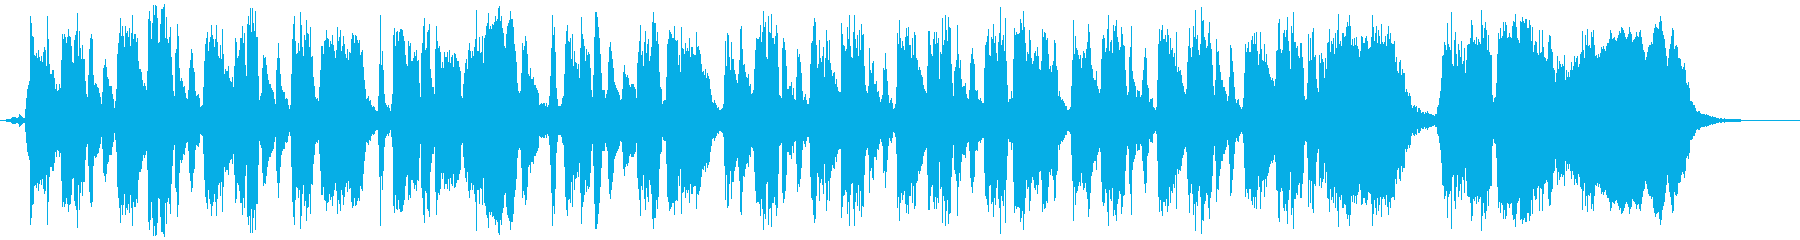 「クリスマスソングをアカペラで」シリーズの再生済みの波形